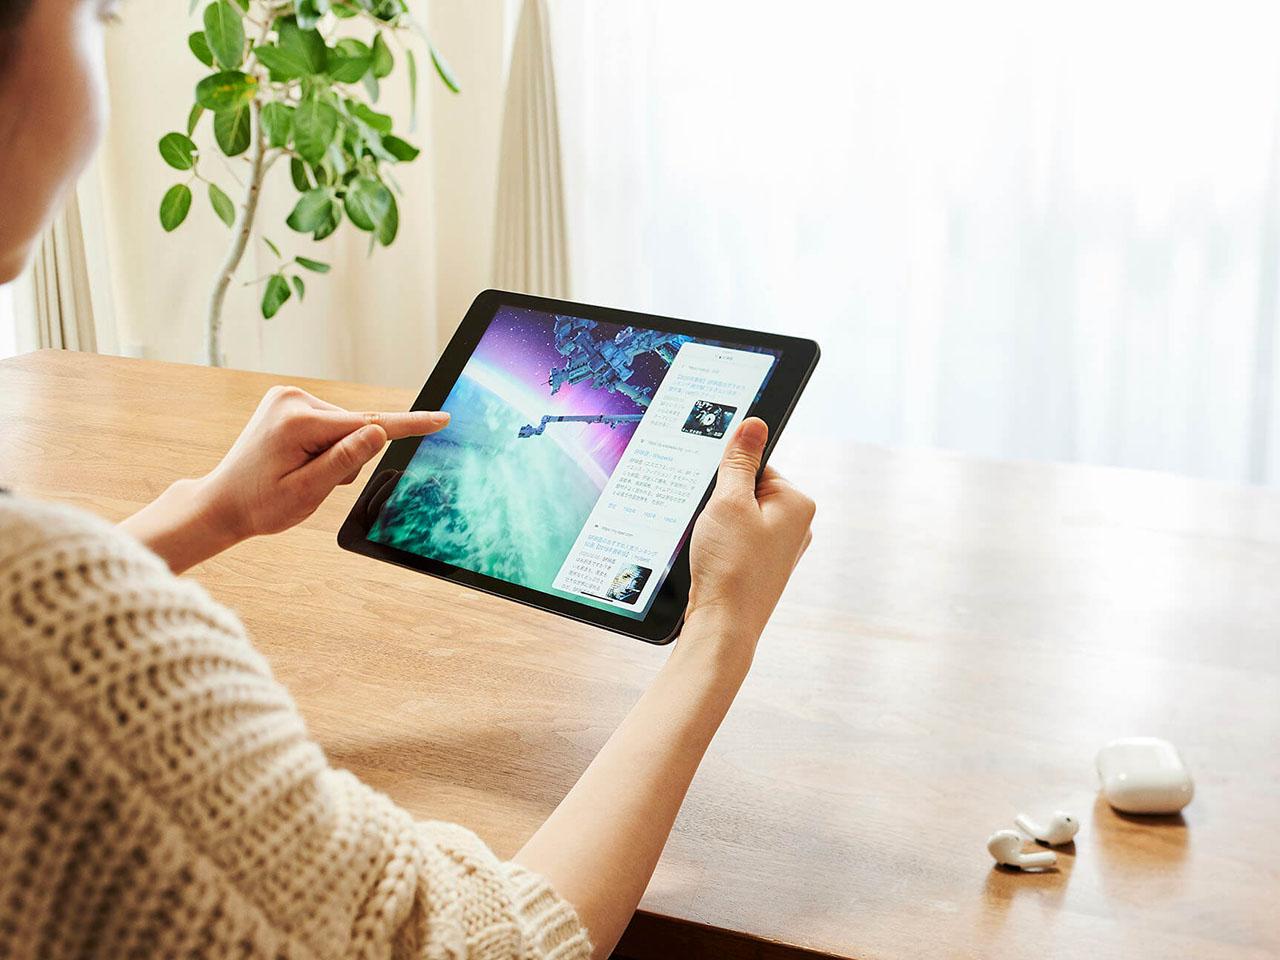 『本体 参考3』 iPad 10.2インチ 第7世代 Wi-Fi 32GB 2019年秋モデル MW742J/A [スペースグレイ] の製品画像